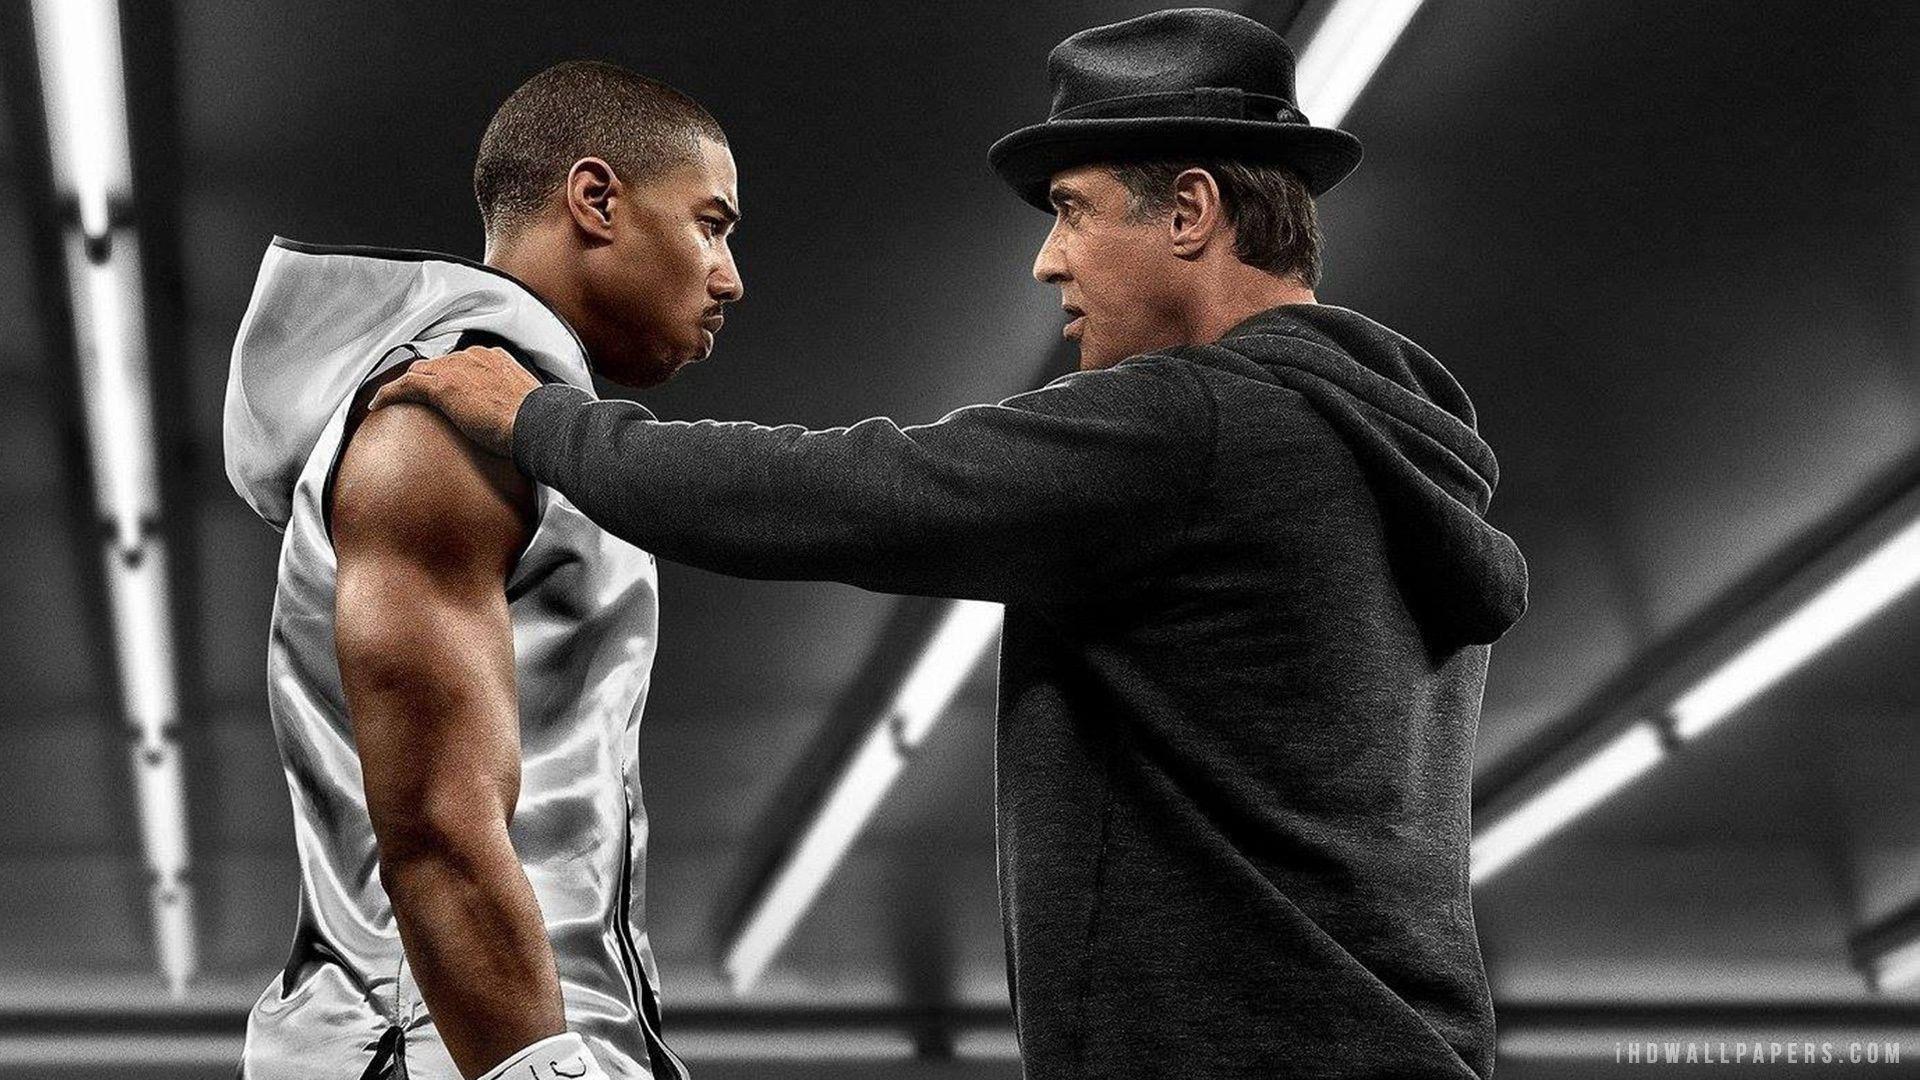 مذاکره مایکل بی. جردن برای کارگردانی فیلم Creed 3